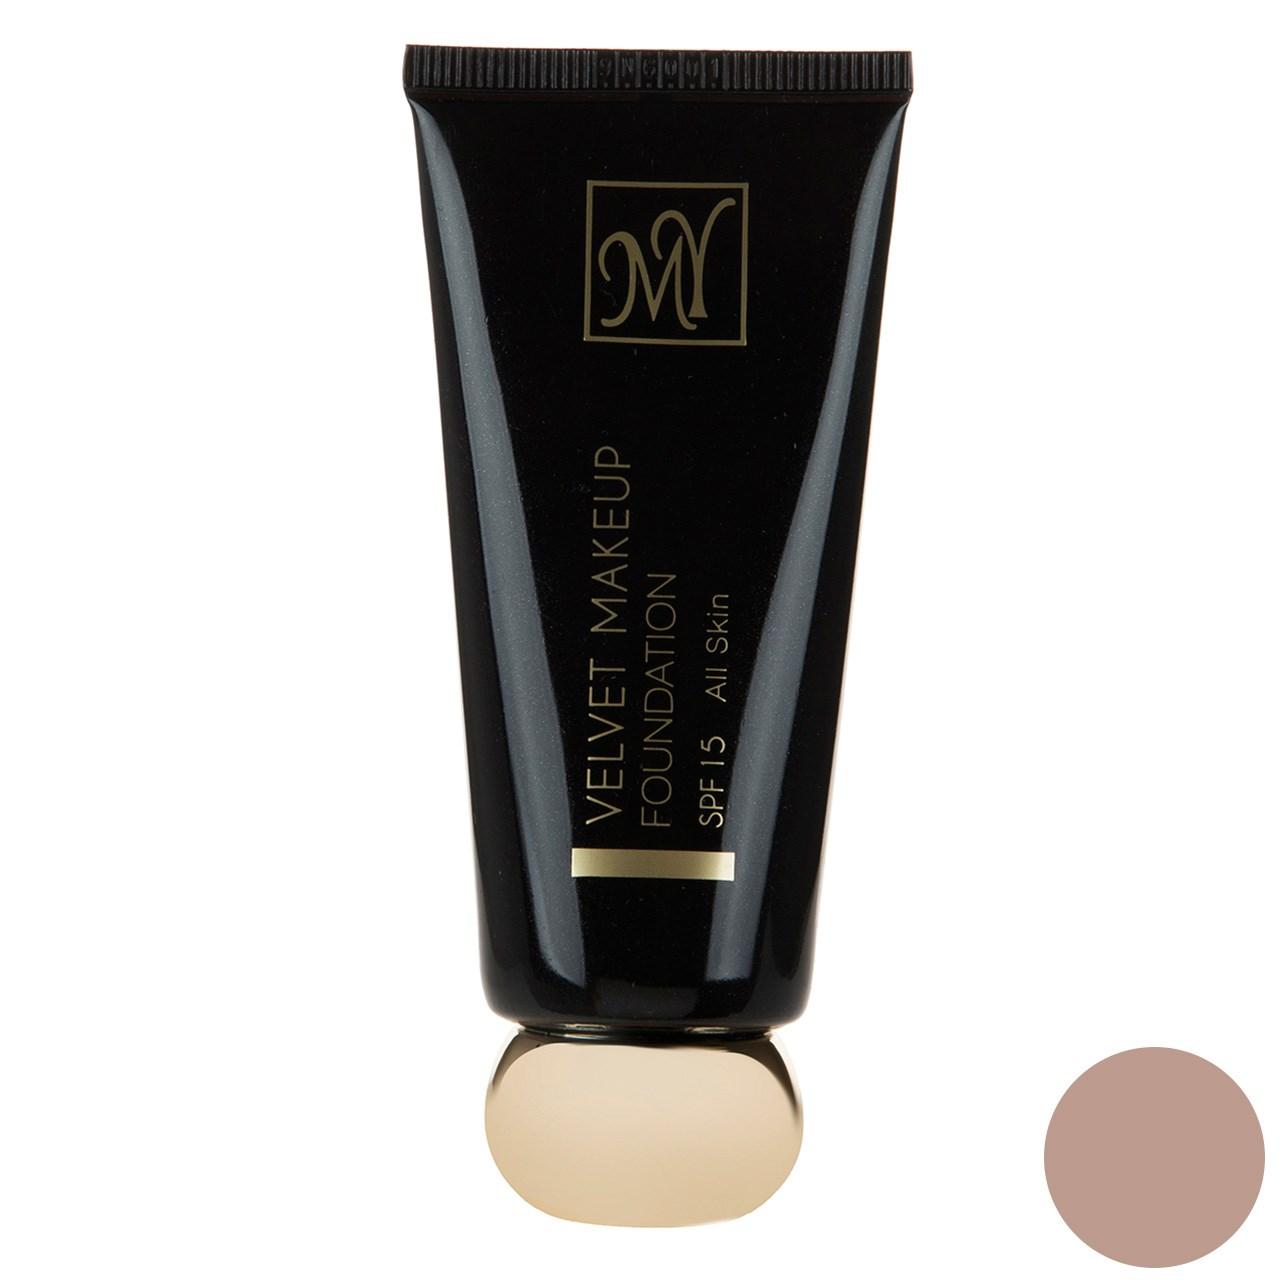 قیمت کرم پودر مای سری Black Diamond مدل Velvet Makeup شماره 02